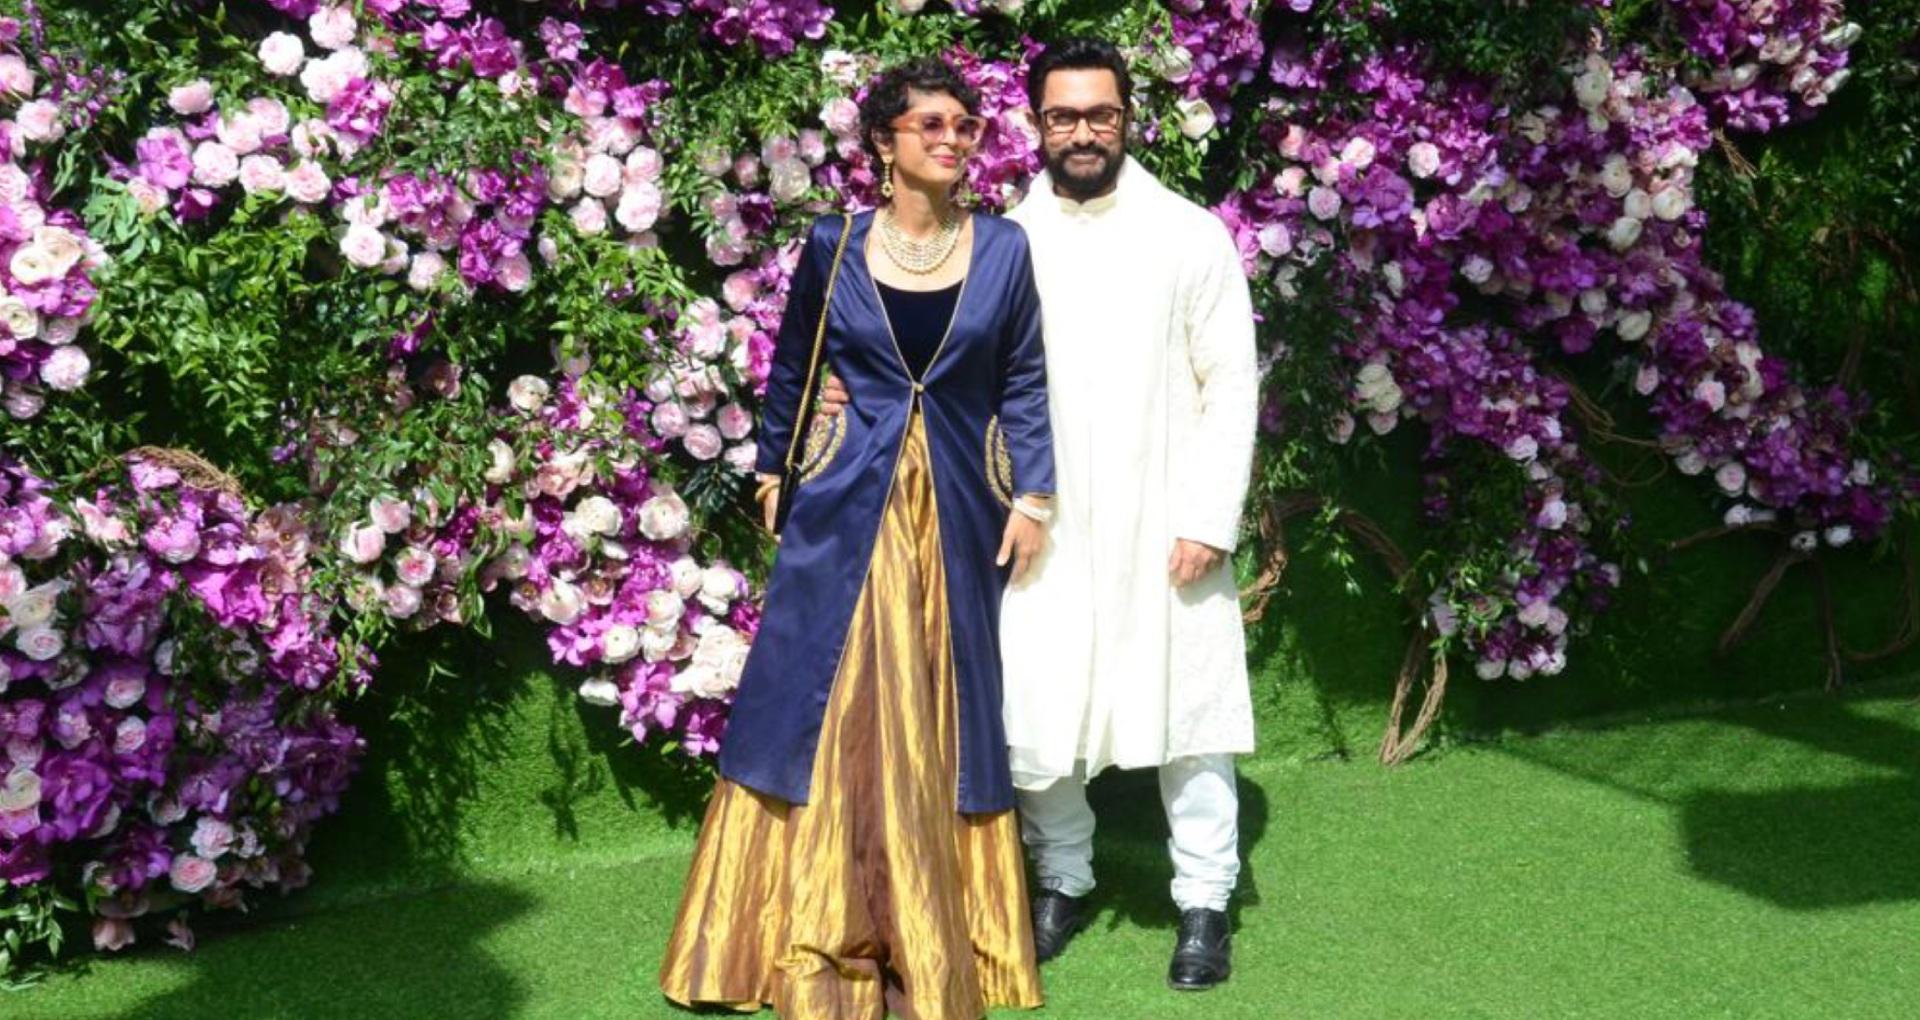 आकाश अंबानी-श्लोका मेहता की शादी में दिखा आमिर खान और किरण राव का स्टाइलिश अंदाज, देखिए इनकी तस्वीरें